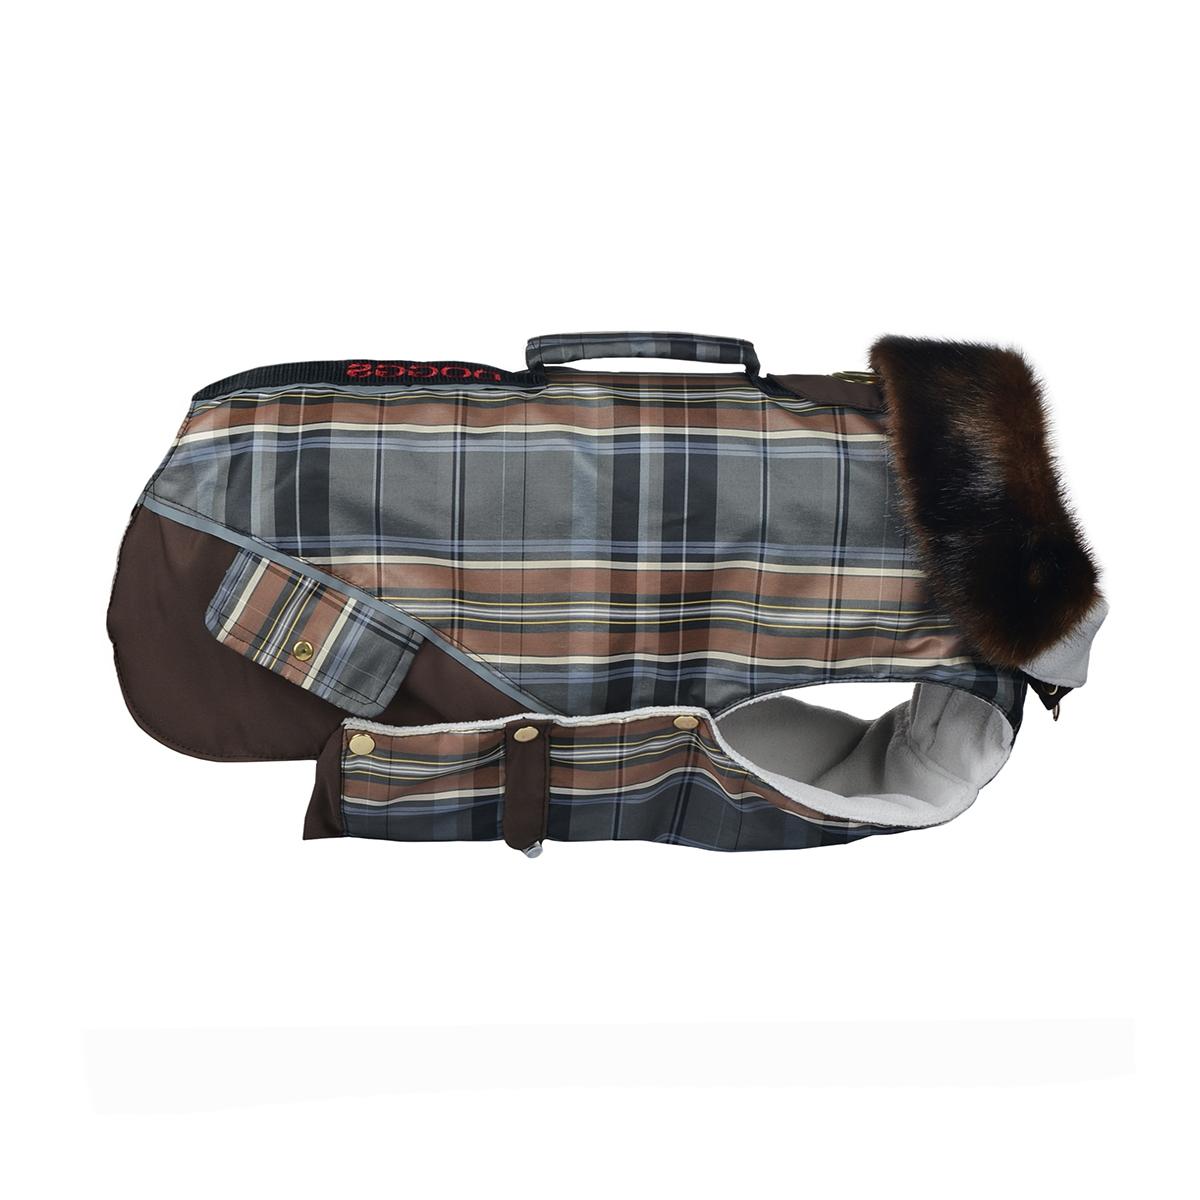 Попона для собак Dogmoda Doggs, для девочки, цвет: коричневый. Размер MDM-140547_коричневаяТеплая попона для собак Dogmoda Doggs отлично подойдет для прогулок в холодное время года. Попона изготовлена из водоотталкивающего полиэстера, защищающего от ветра и осадков. Синтепоновый утеплитель сохранит тепло даже в сильные морозы и обеспечит уют во время зимних прогулок. На подкладке используется флис, который обеспечивает воздухообмен. Попона не имеет рукавов, поэтому не ограничивает свободу движений, и собака будет чувствовать себя в ней комфортно. Стильный меховой воротник-стойка на молнии всегда будет обращать на себя восторженное внимание других владельцев собак. Модель застегивается на кнопки. На животе попона затягивается на шнурок-кулиску с зажимом. Спинка декорирована вышитой надписью Doggs, оснащена светоотражающими элементами и ручкой. Модель снабжена непромокаемым карманом для размещения записки с информацией о вашем питомце, на случай если он потеряется. Благодаря такой попоне питомцу будет тепло и комфортно.